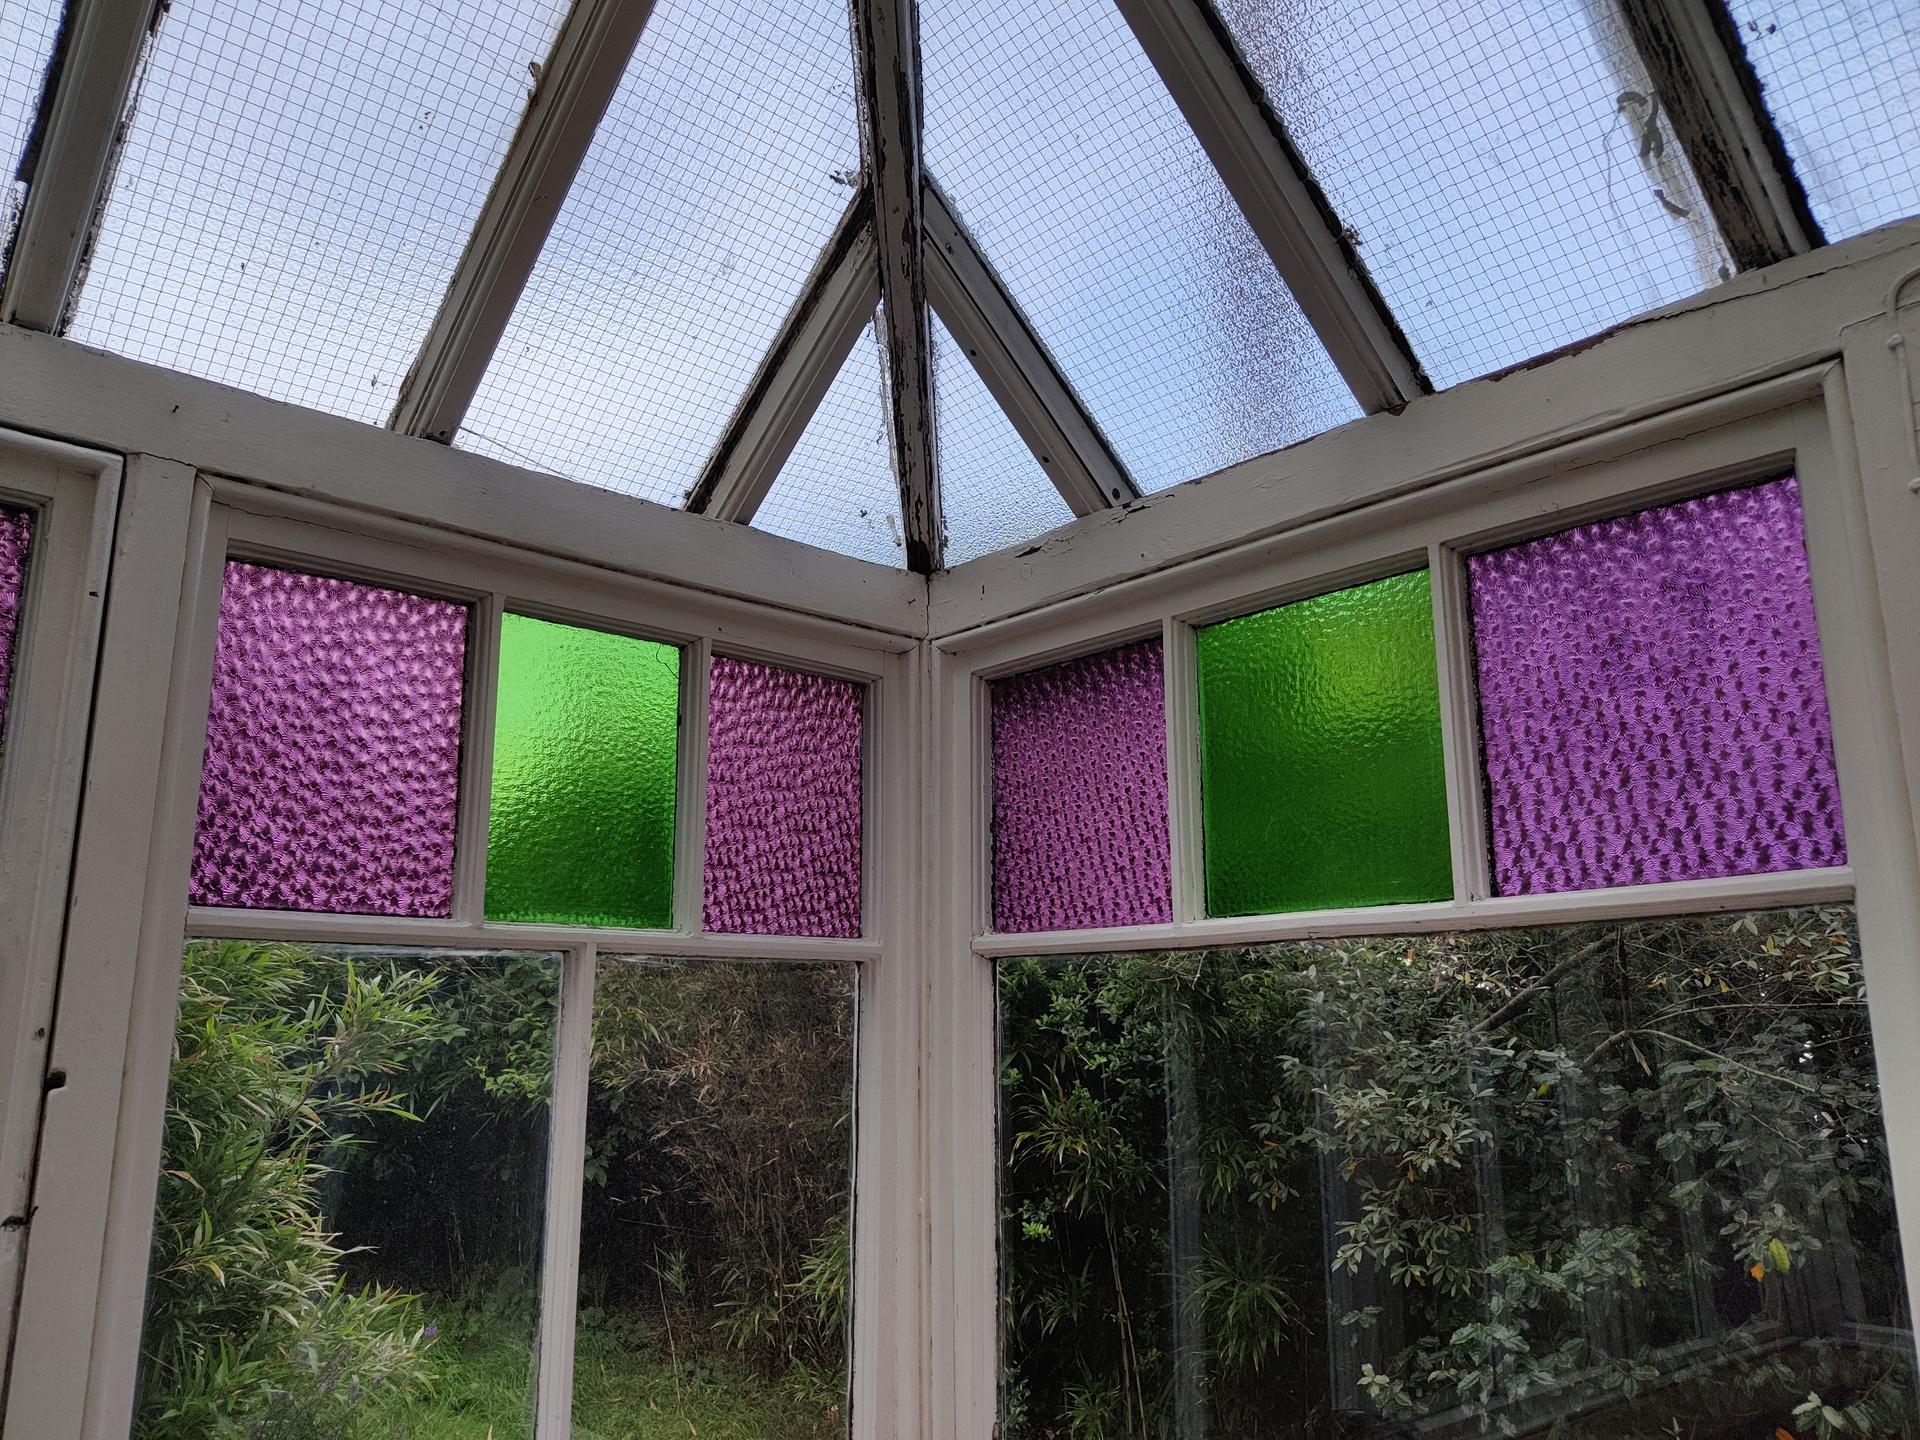 Nord vs 4a vs SE Nord porch colored windows